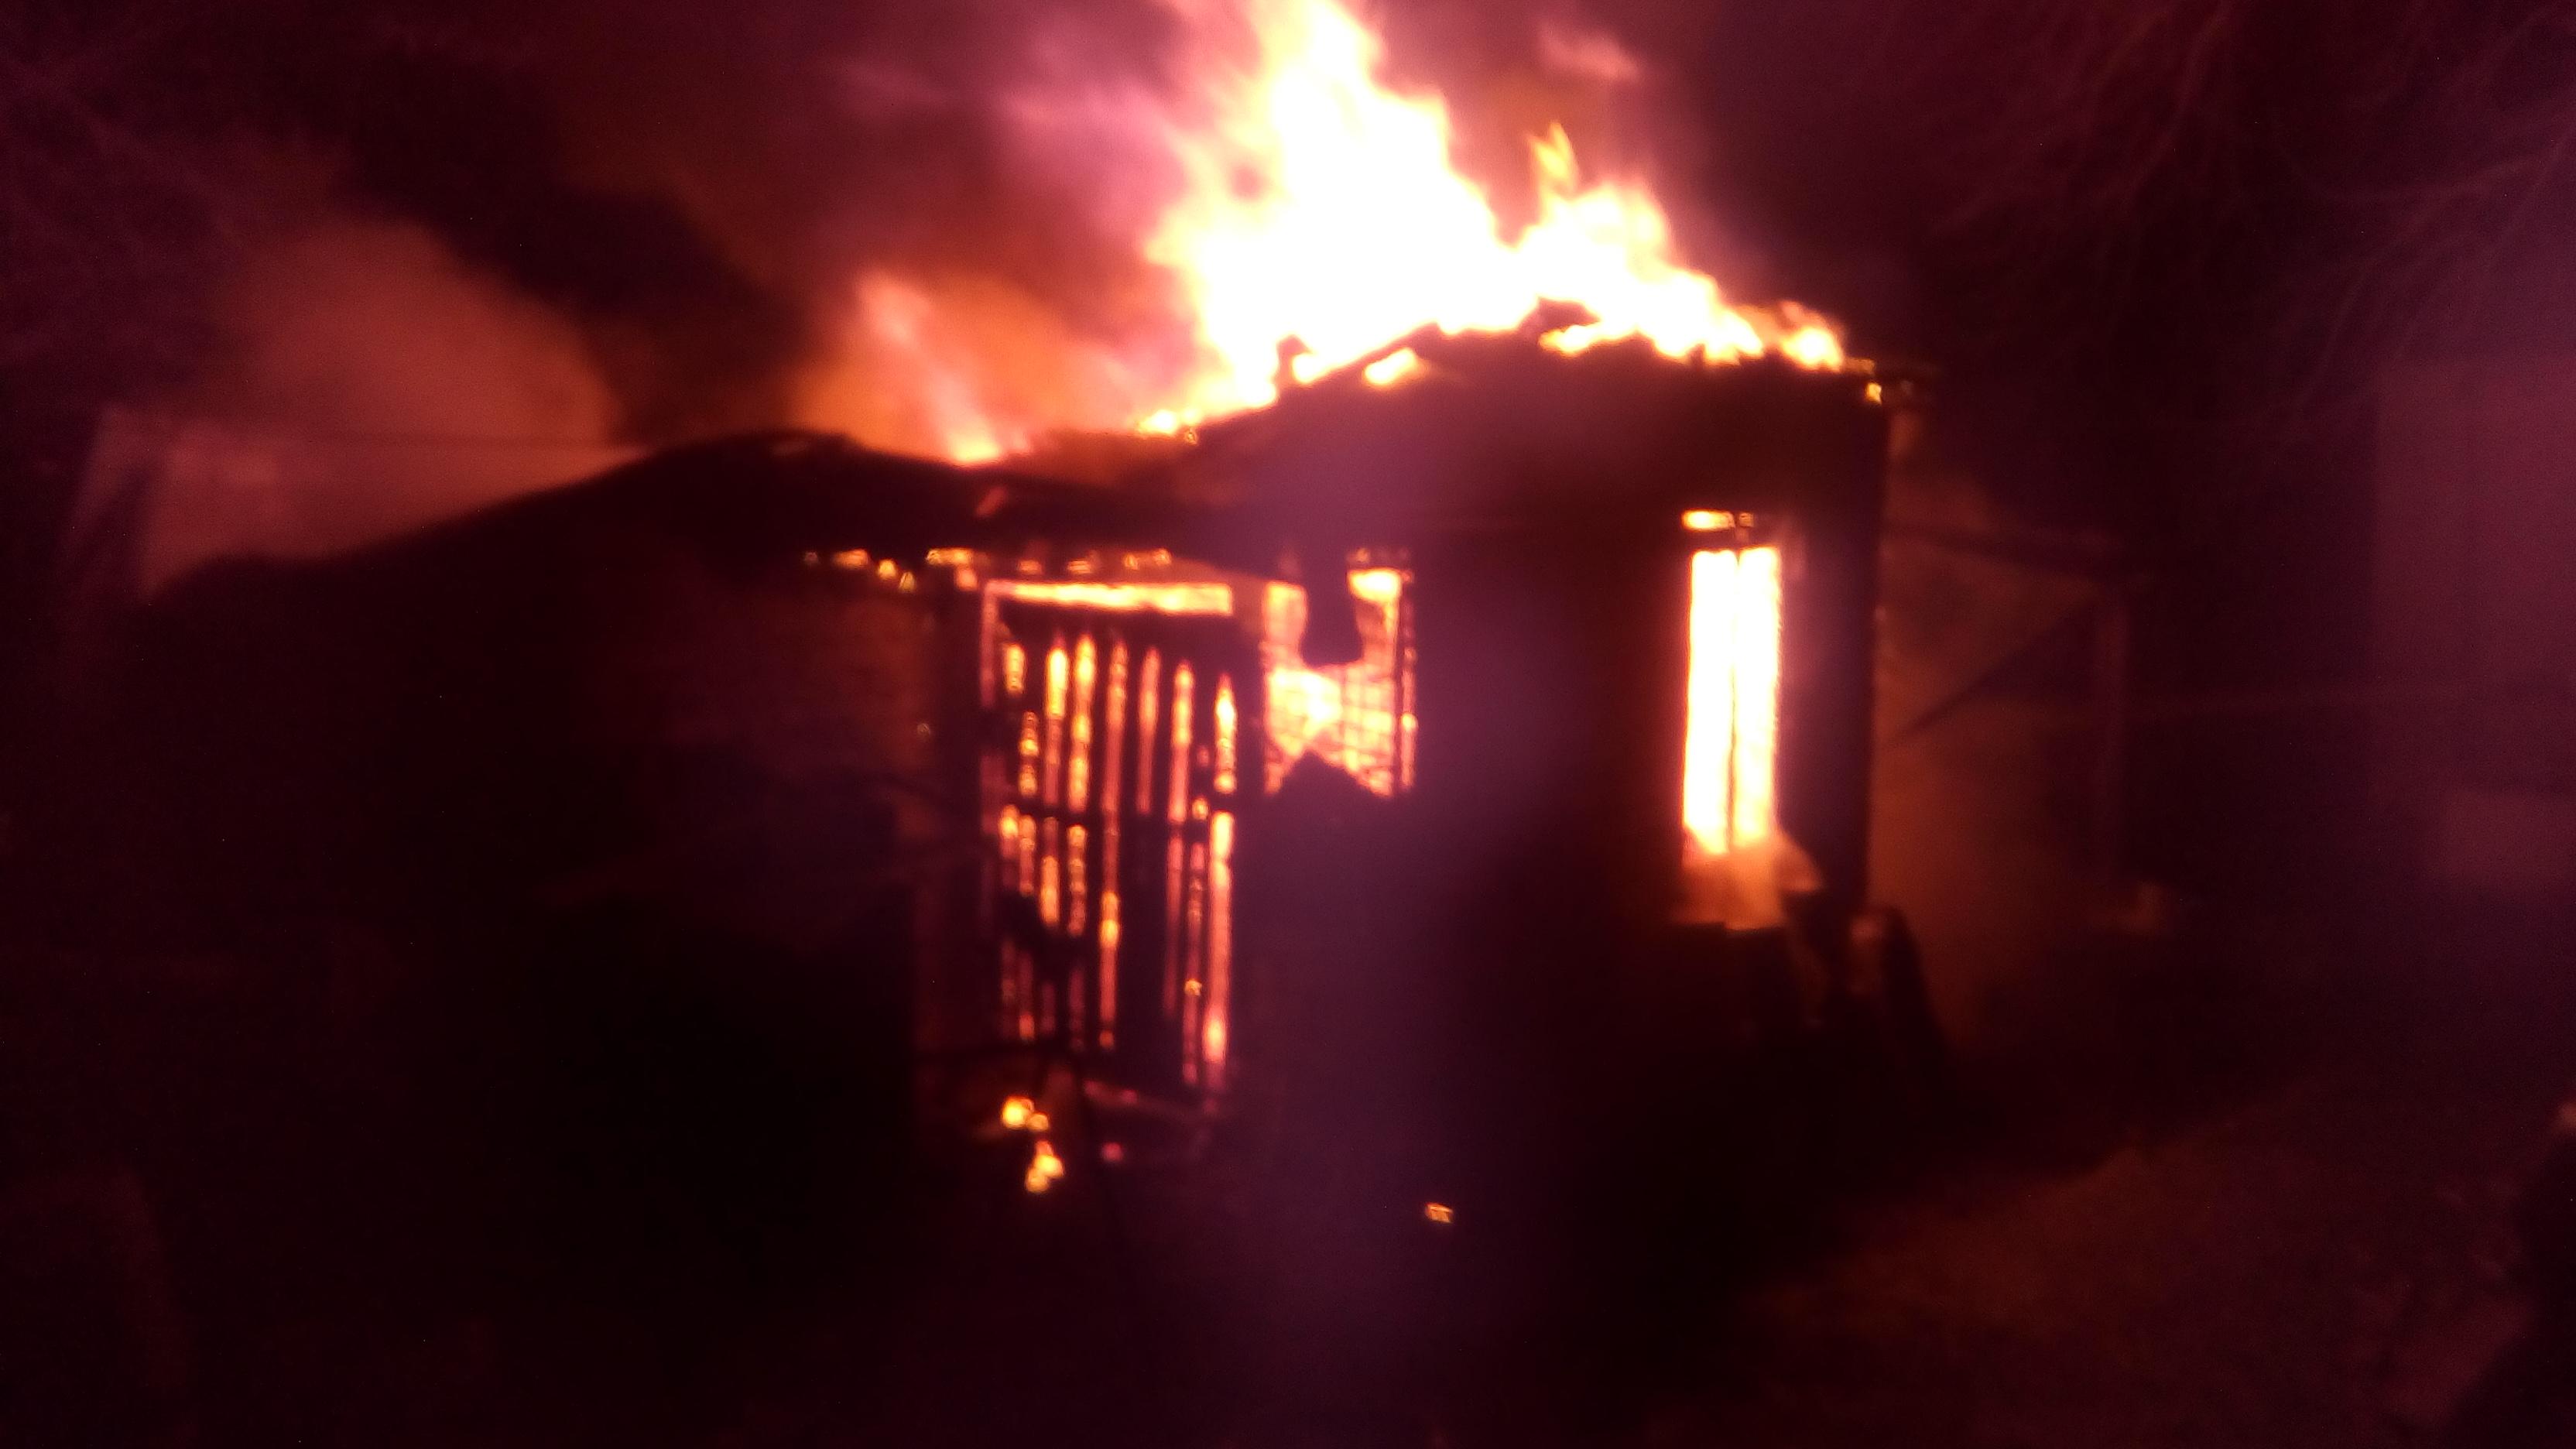 В Запорожской области дотла сгорела хозяйственная постройка - ФОТО